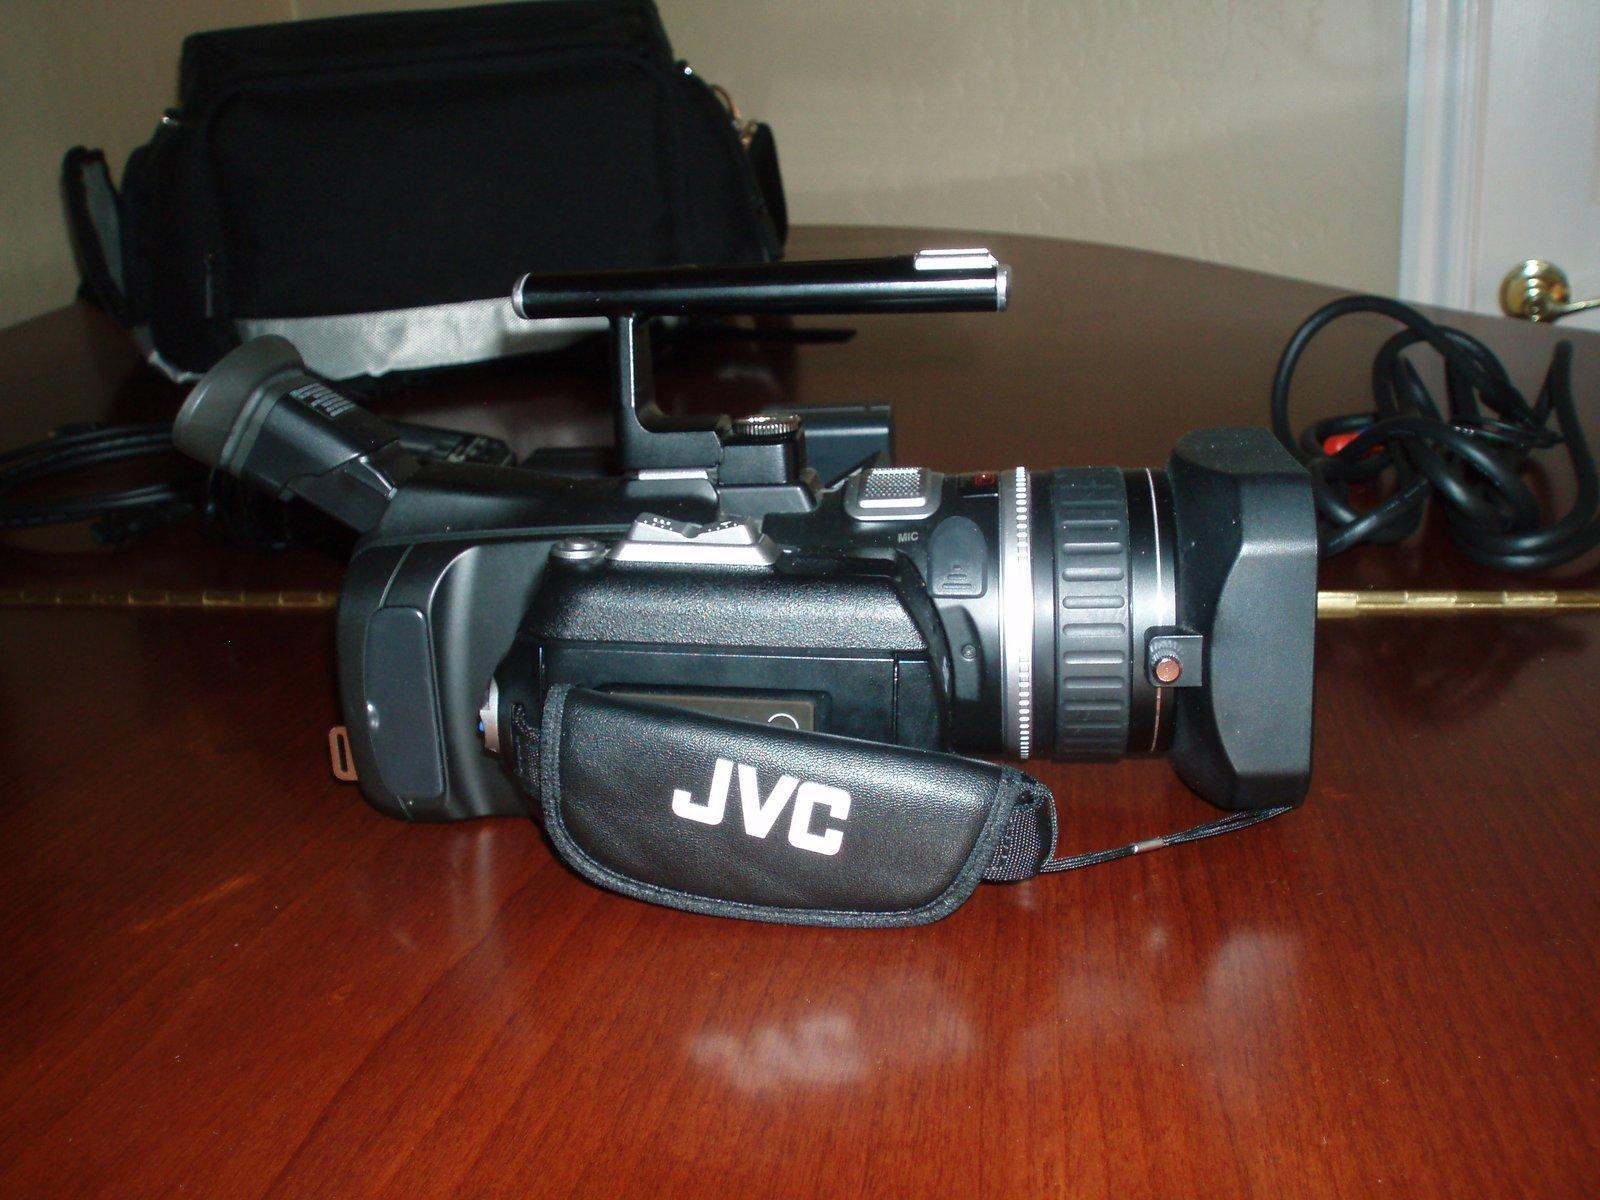 JVC hi def camera